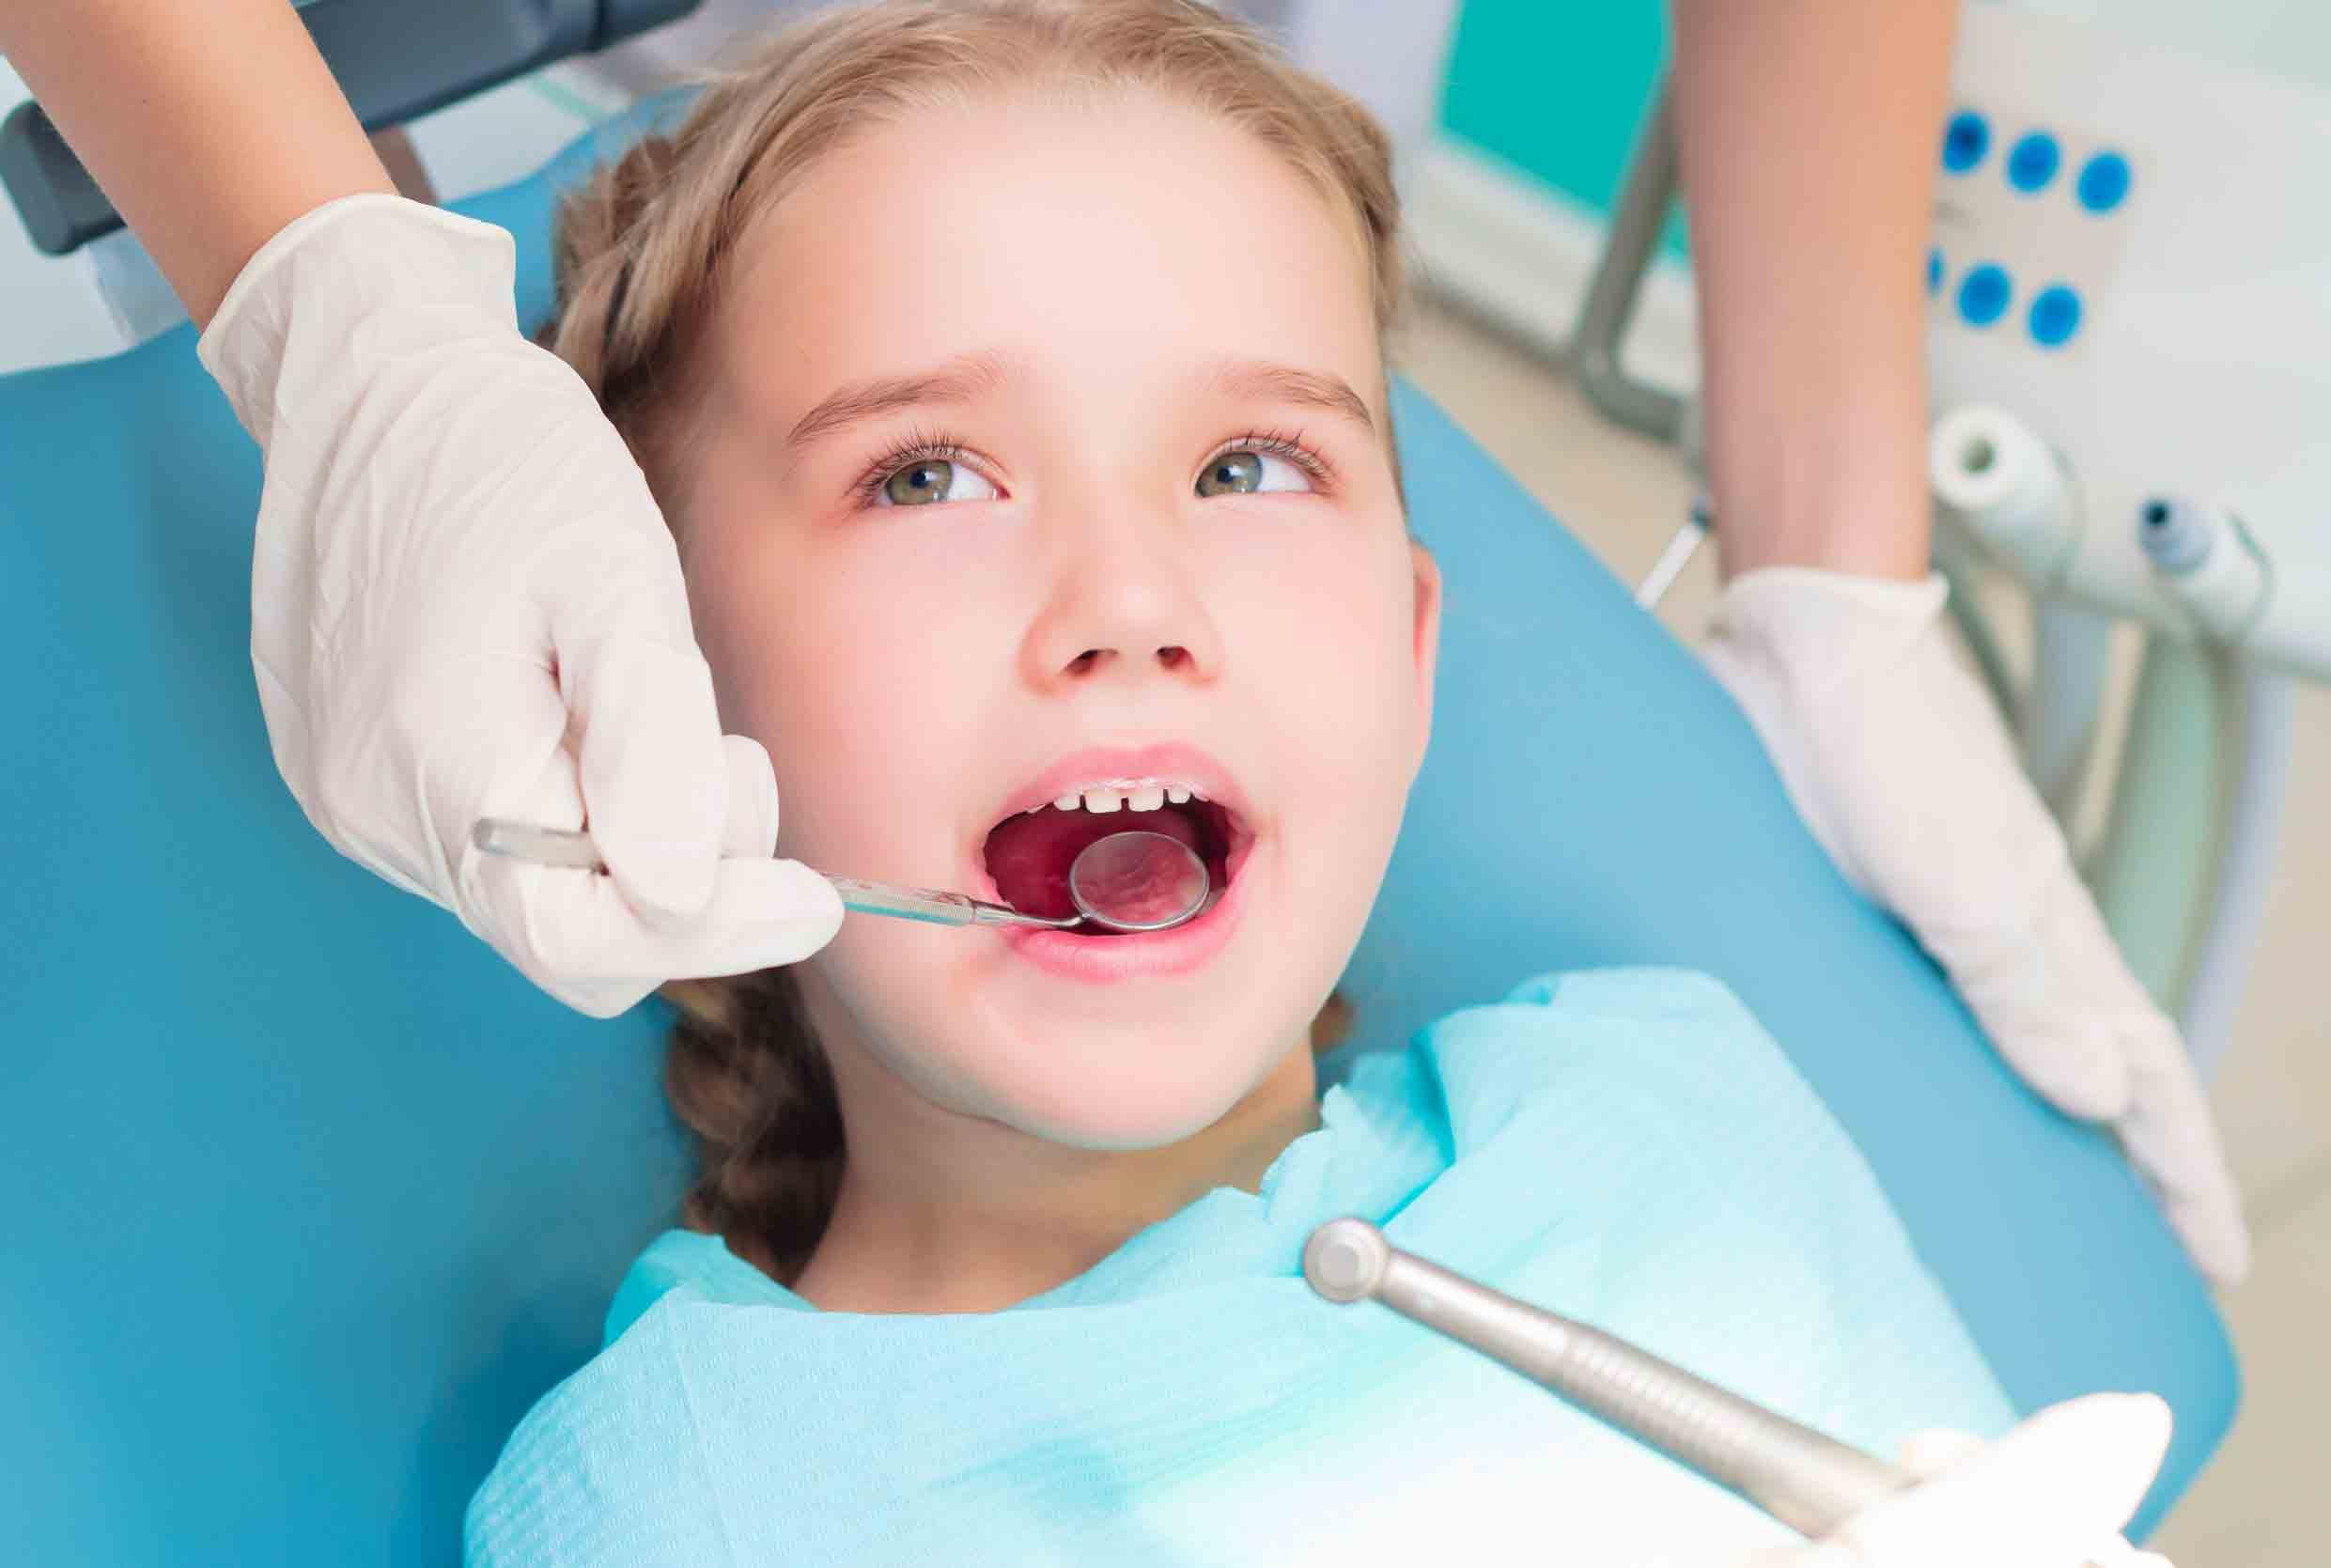 niềng răng trẻ em có đau không